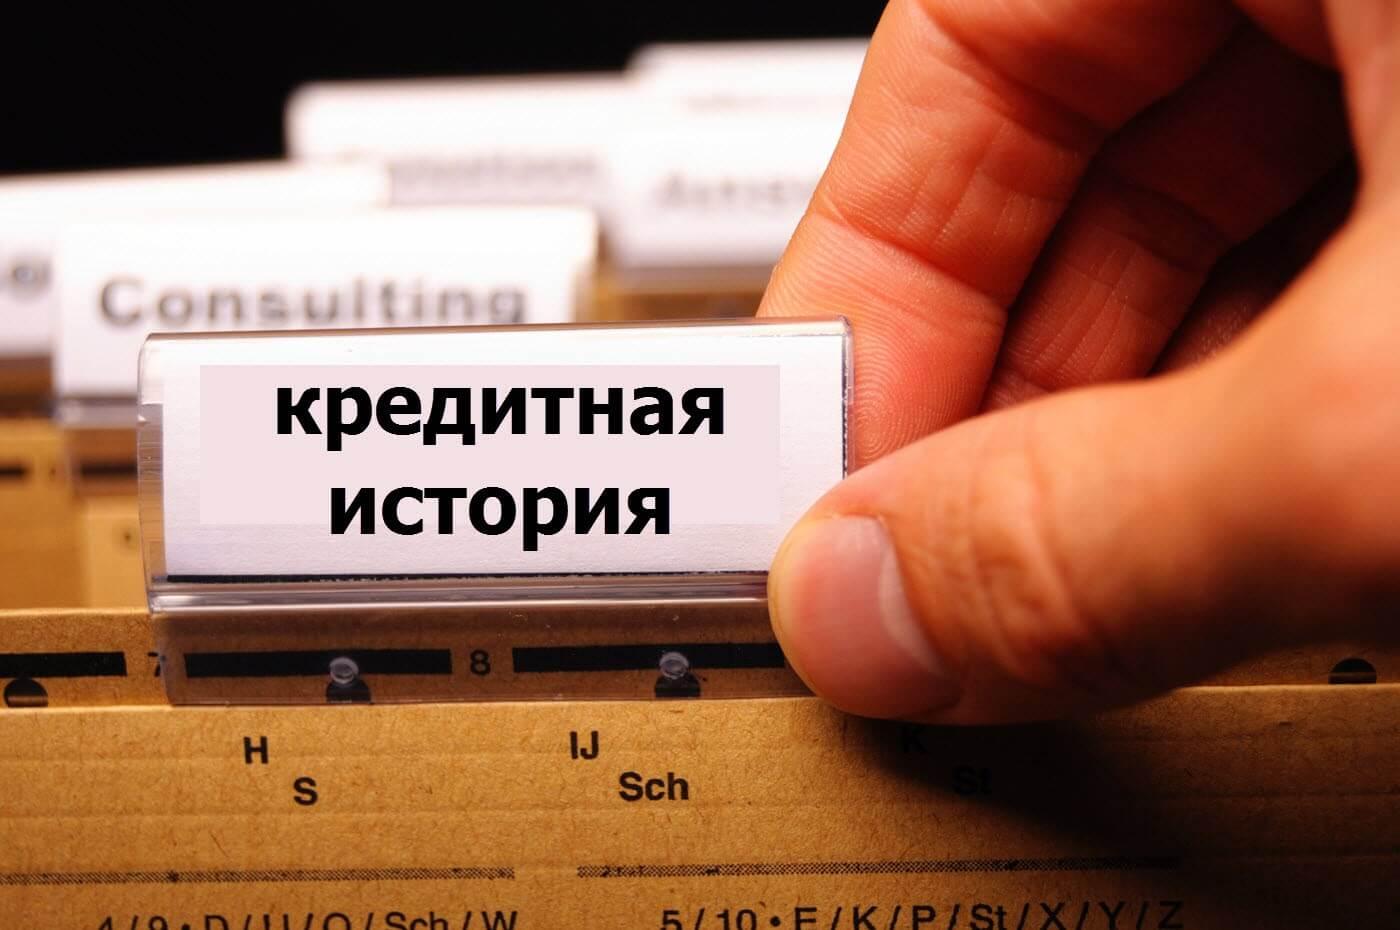 Тайный долг: как узнать, нет ли на вас чужого кредита